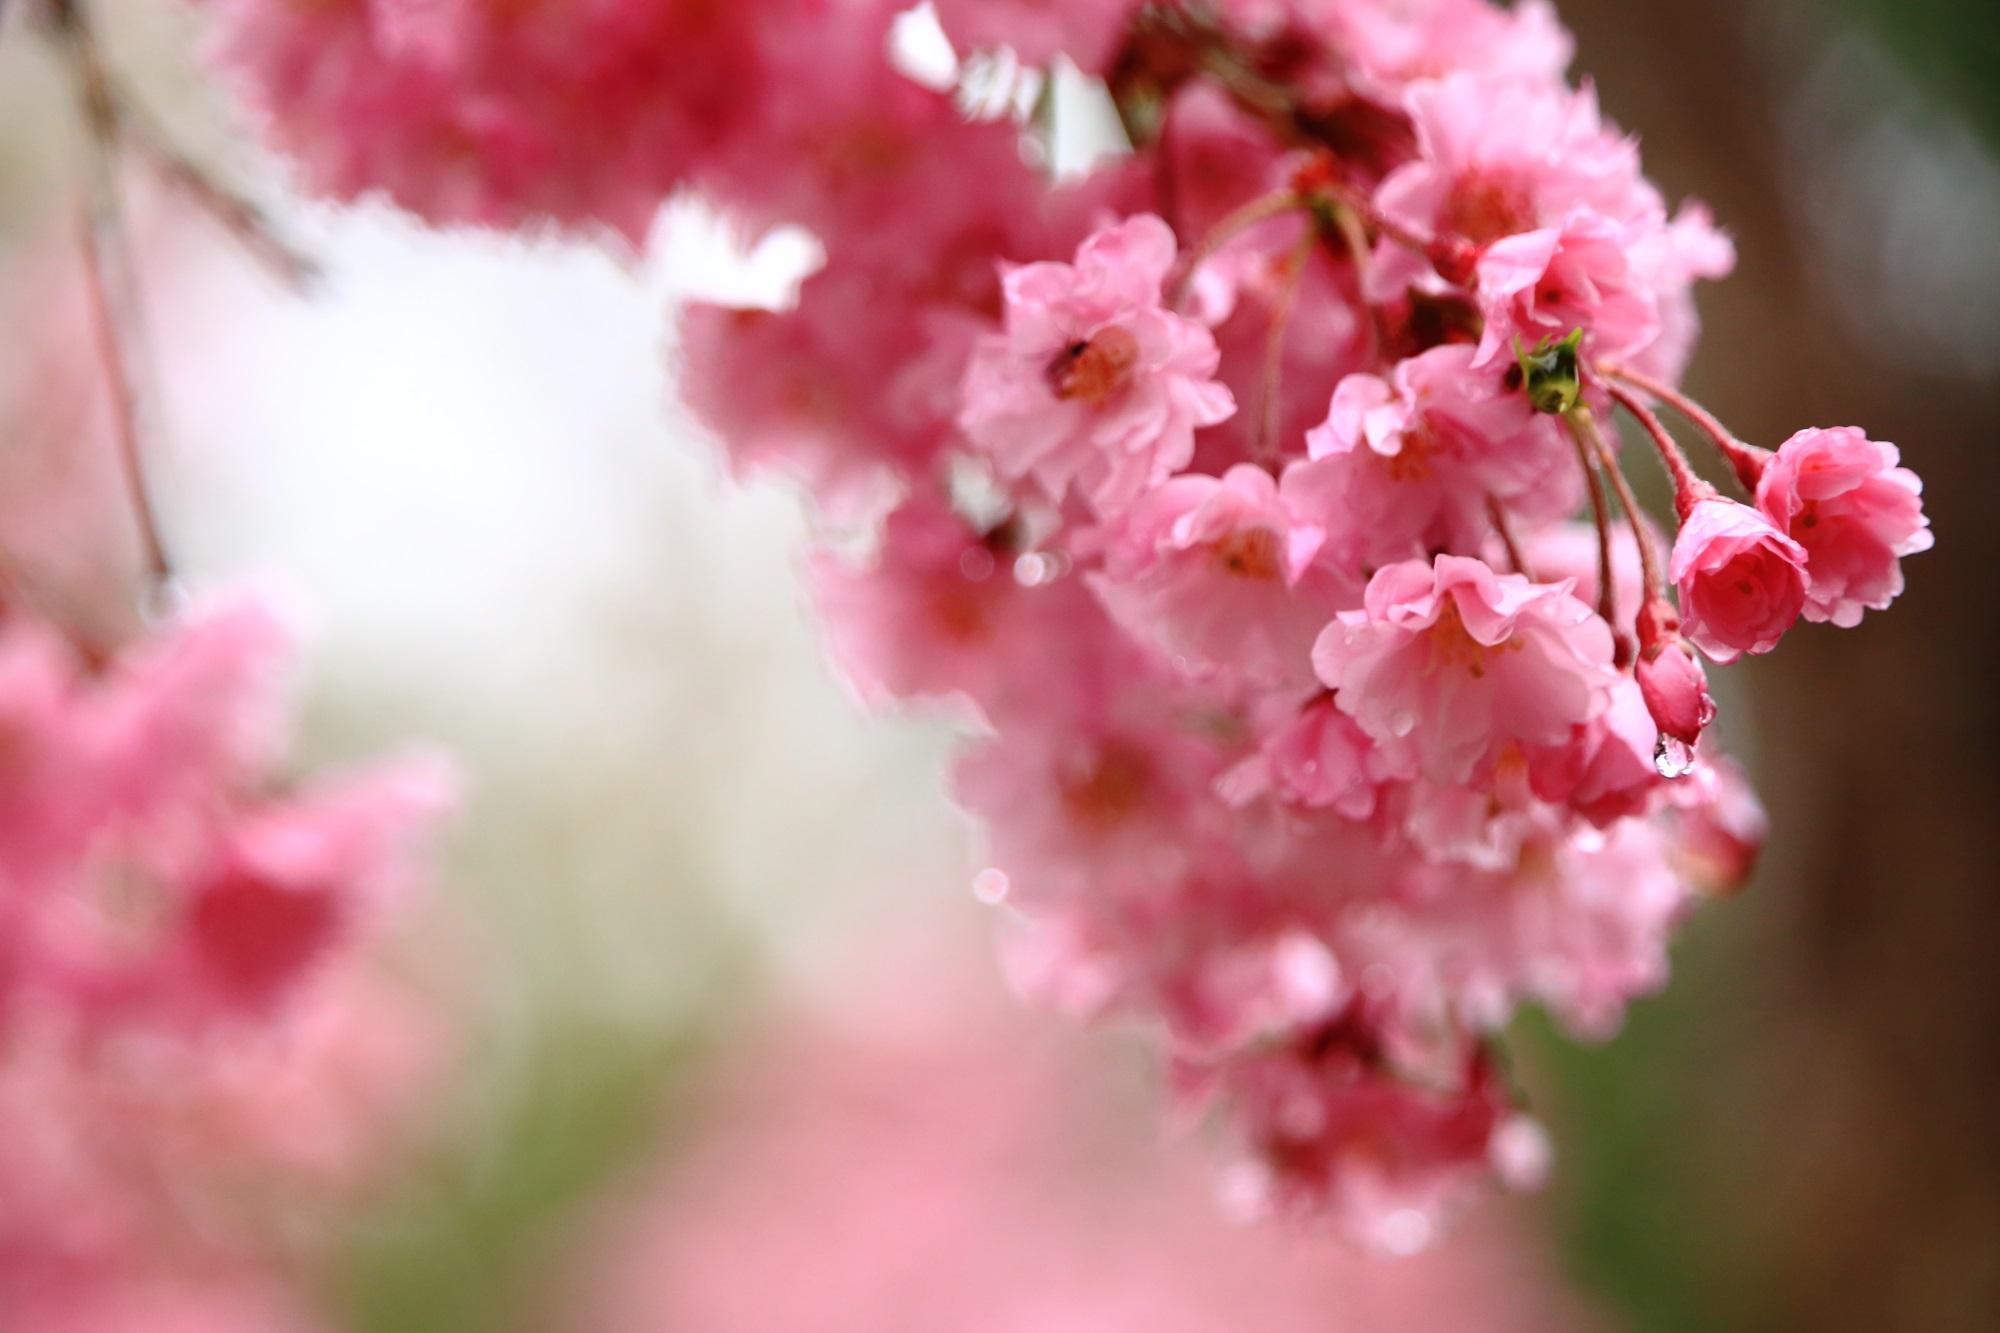 雨に濡れてほのかに境内を彩る桜